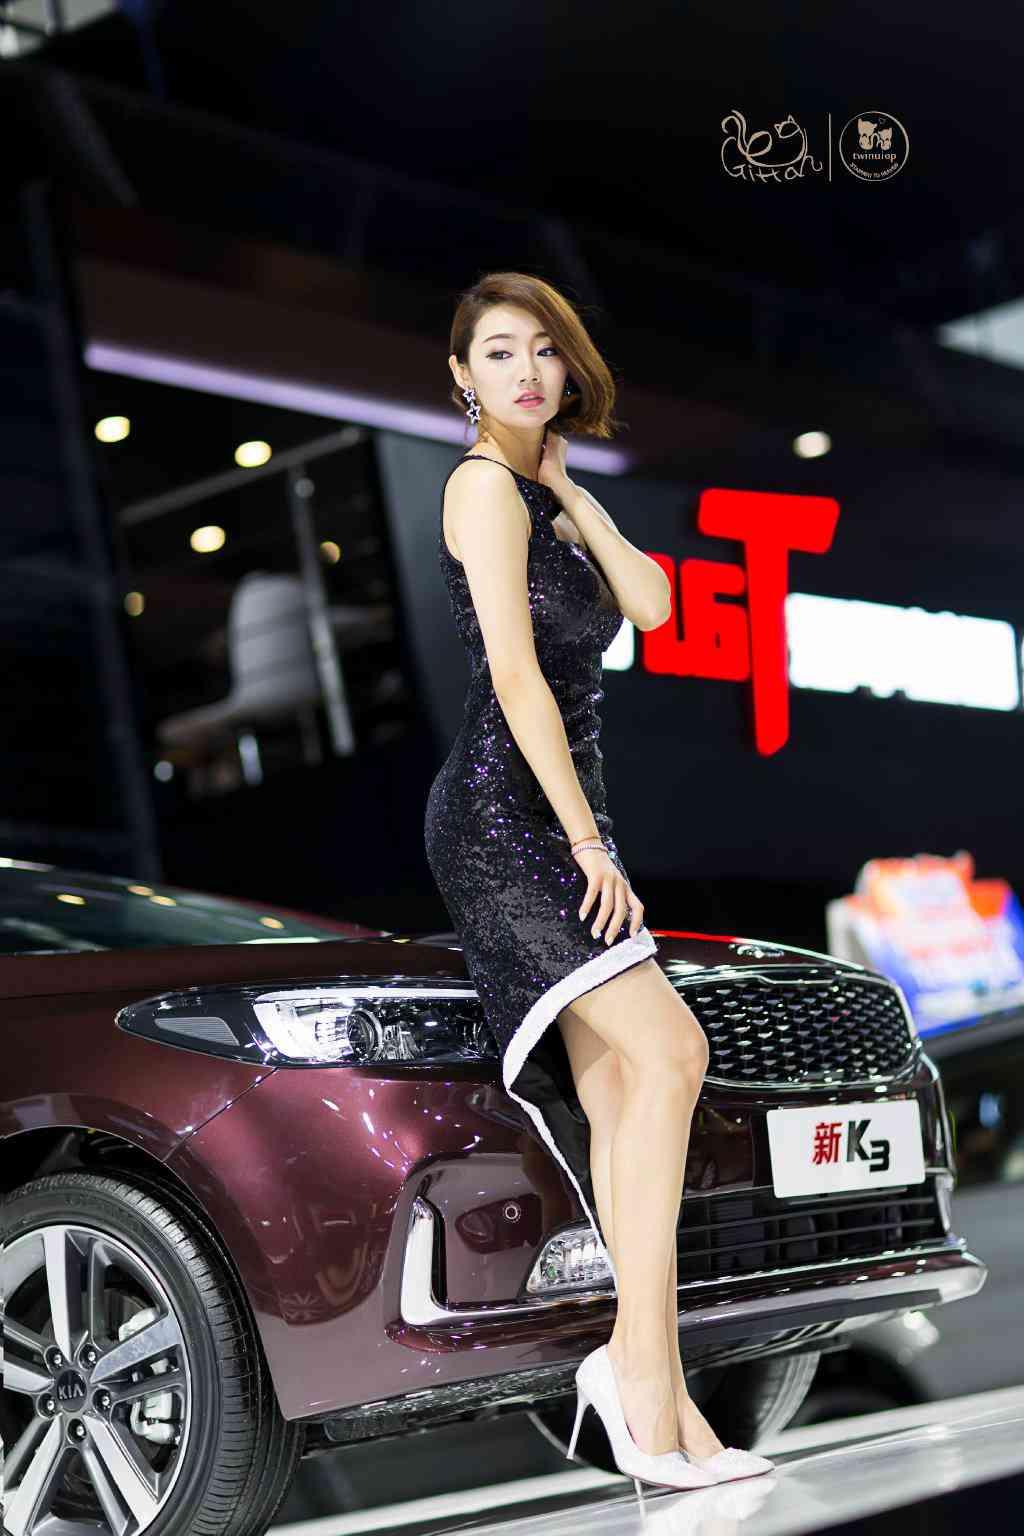 穿高跟鞋的短发美女车模